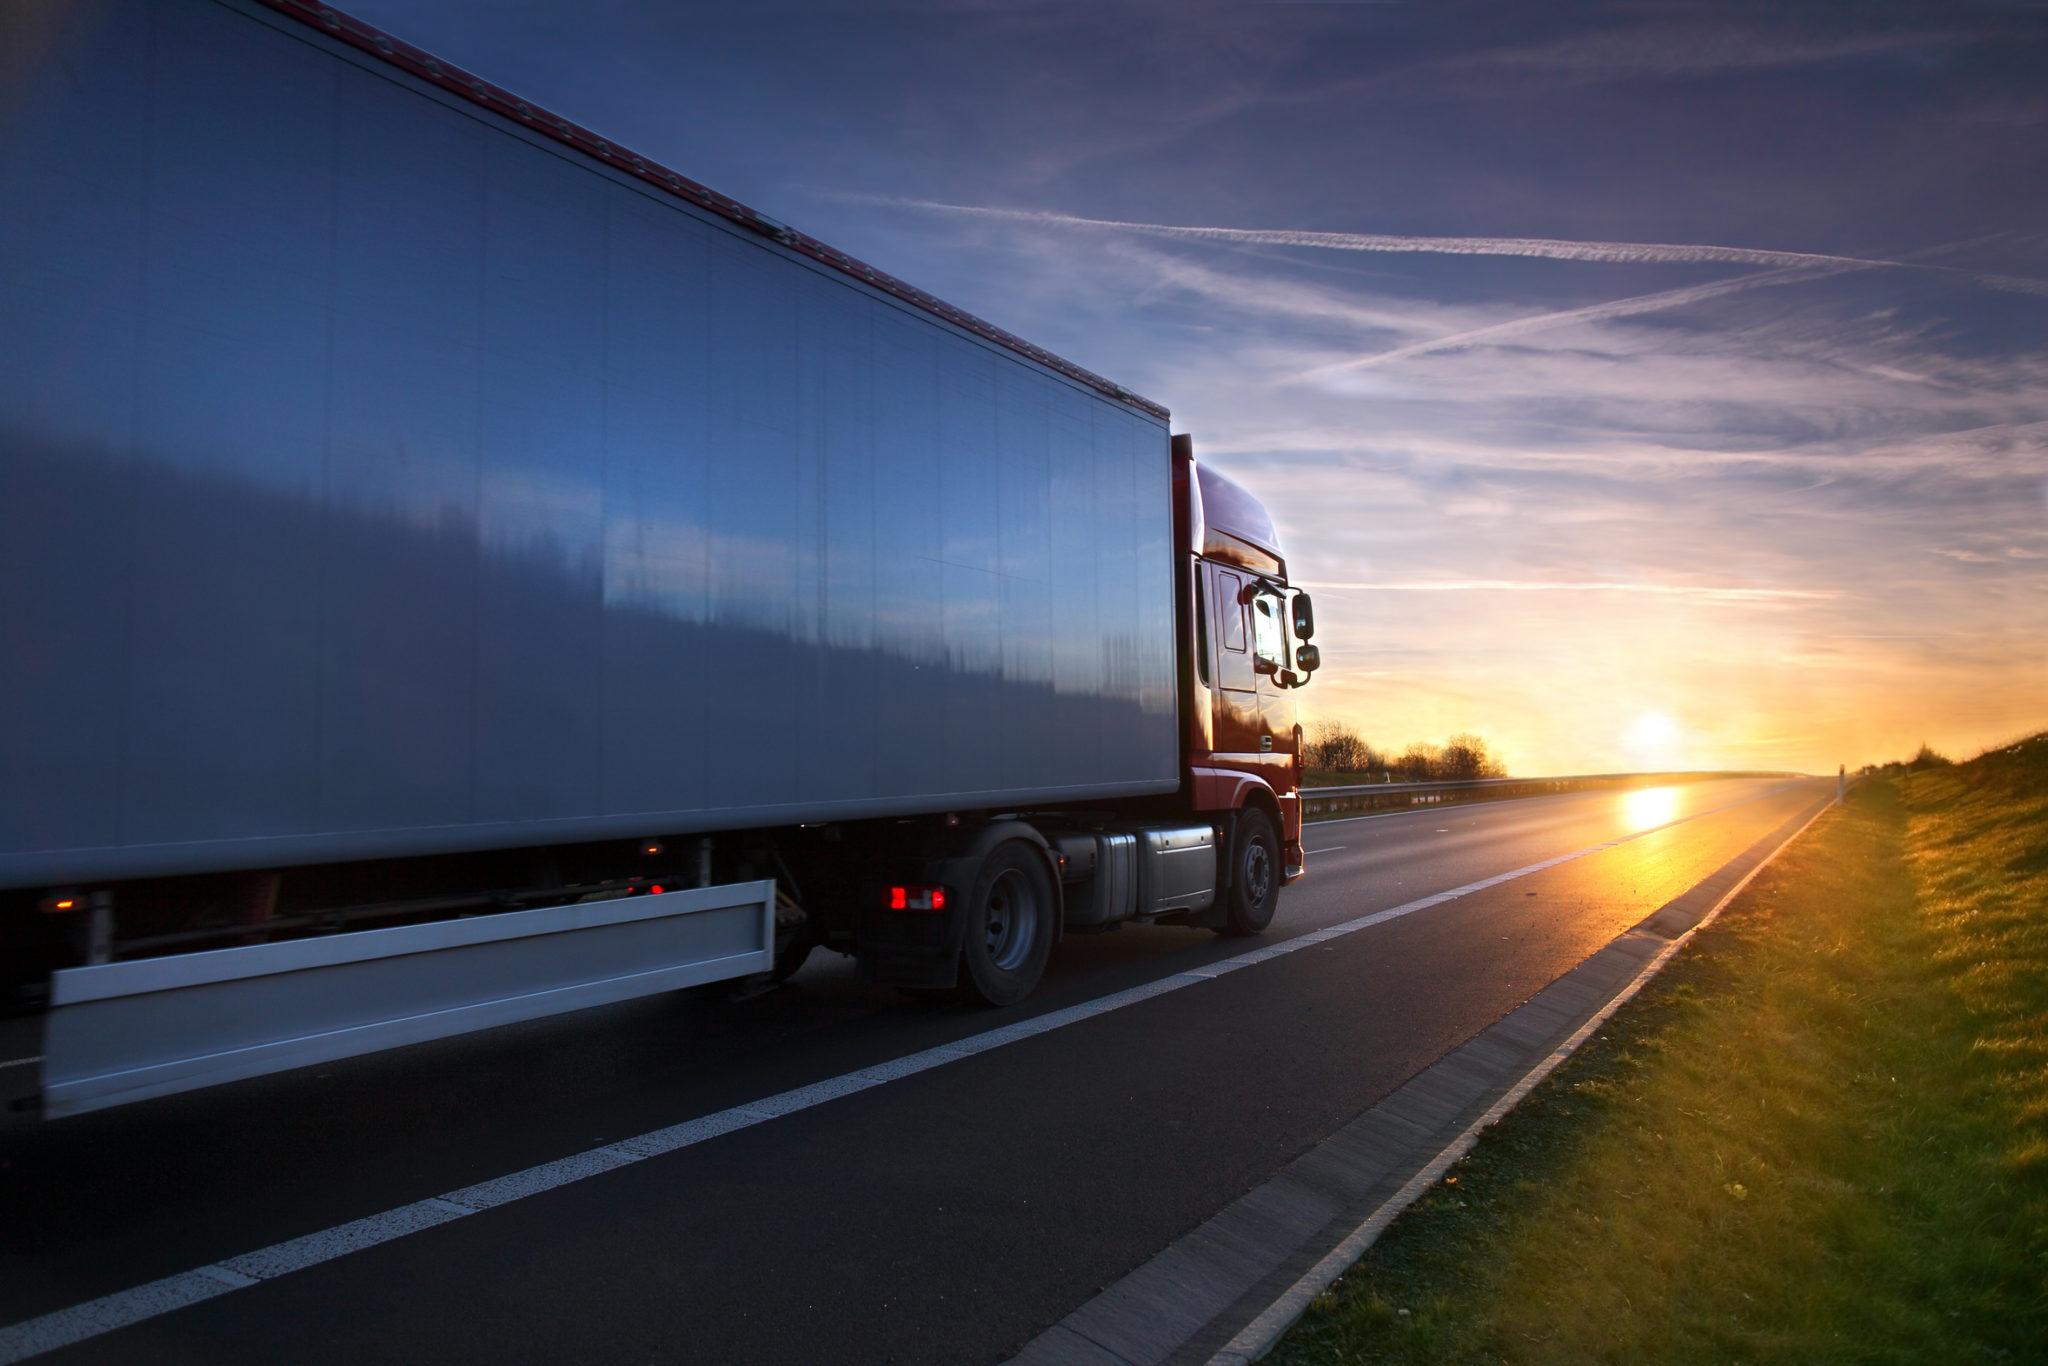 camion allalba 001 v2